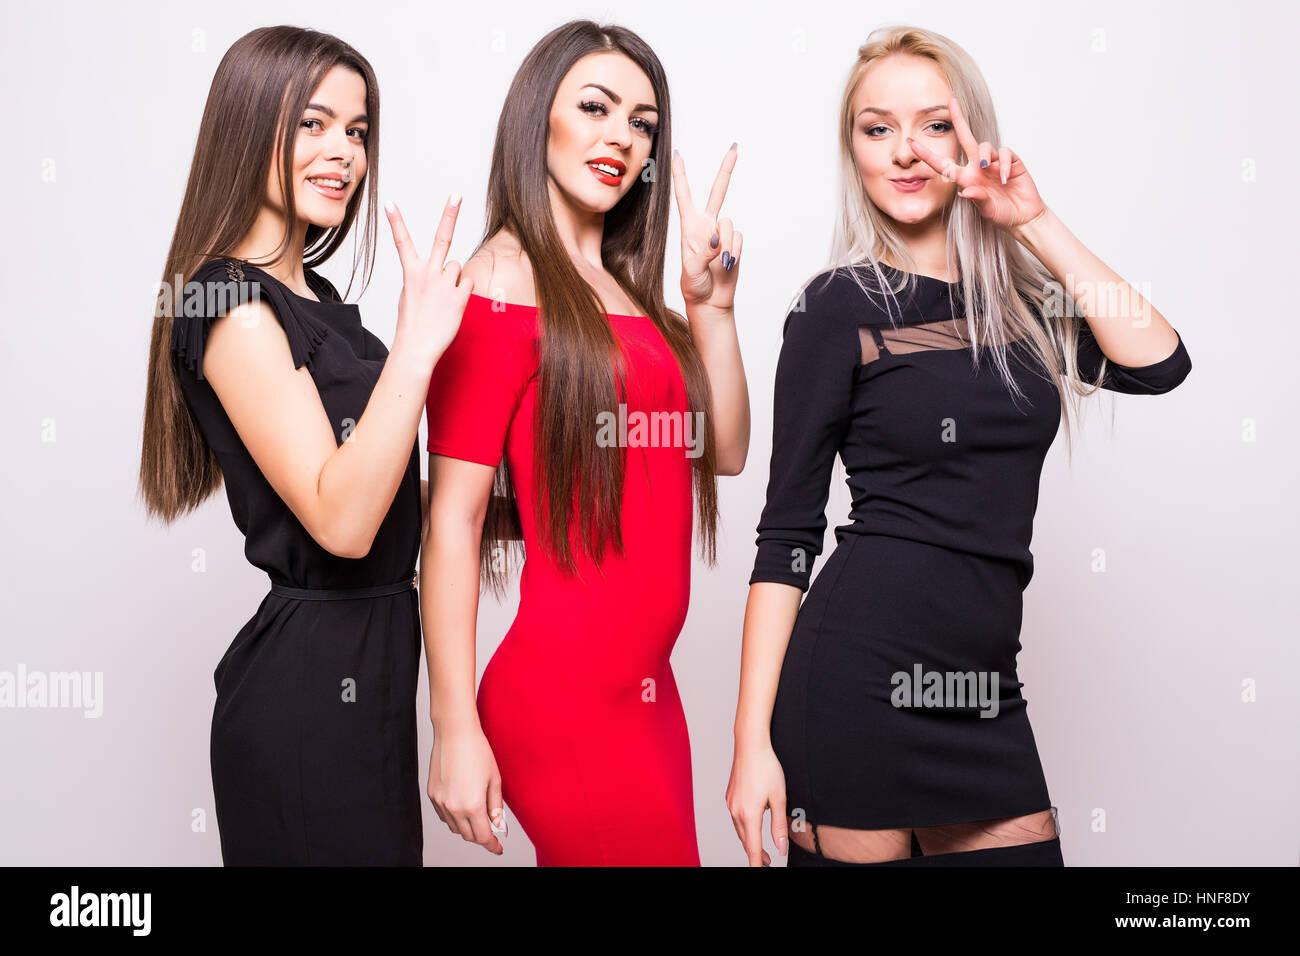 adb22600e42b Vestiti Da Notte Immagini   Vestiti Da Notte Fotos Stock - Alamy